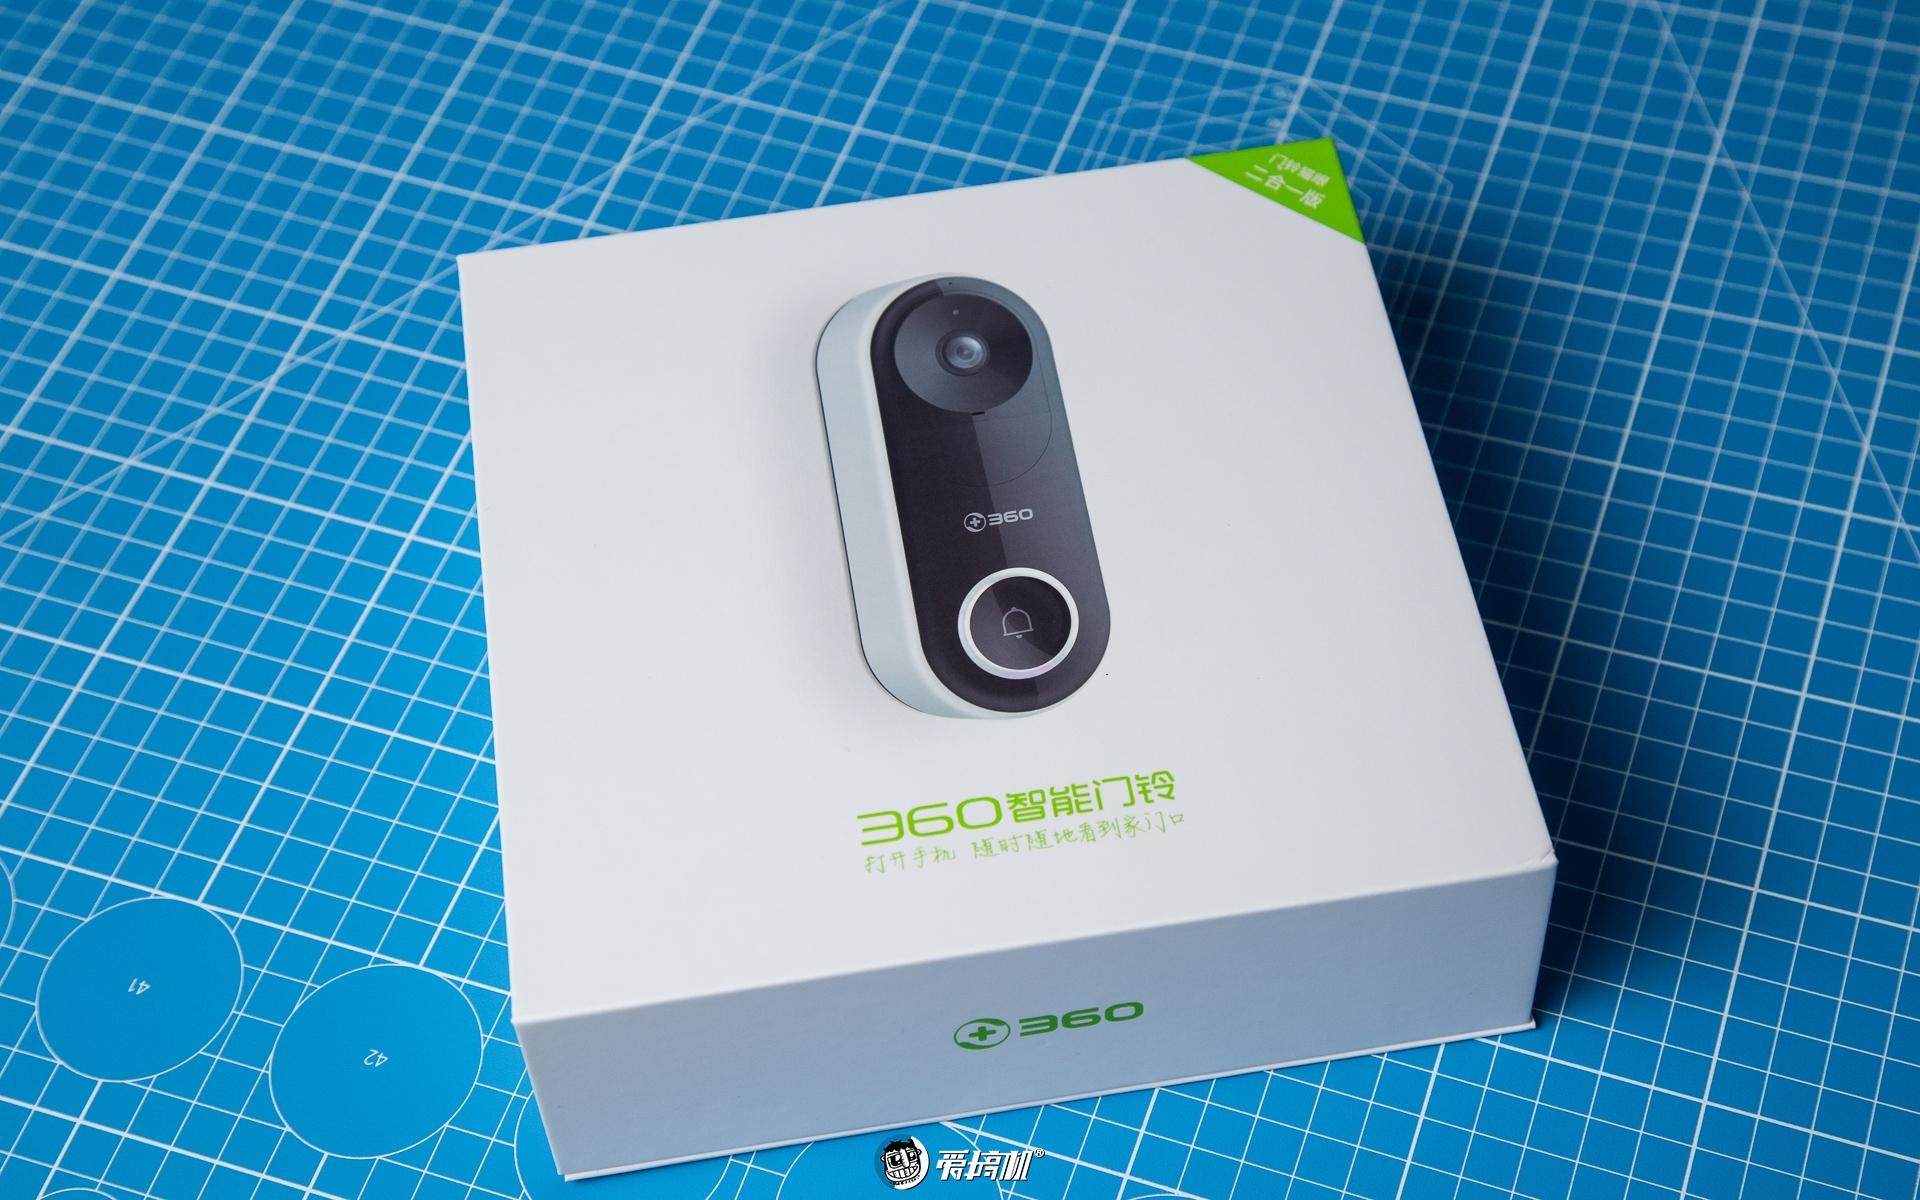 360智能门铃和小米叮零智能视频门铃哪个好